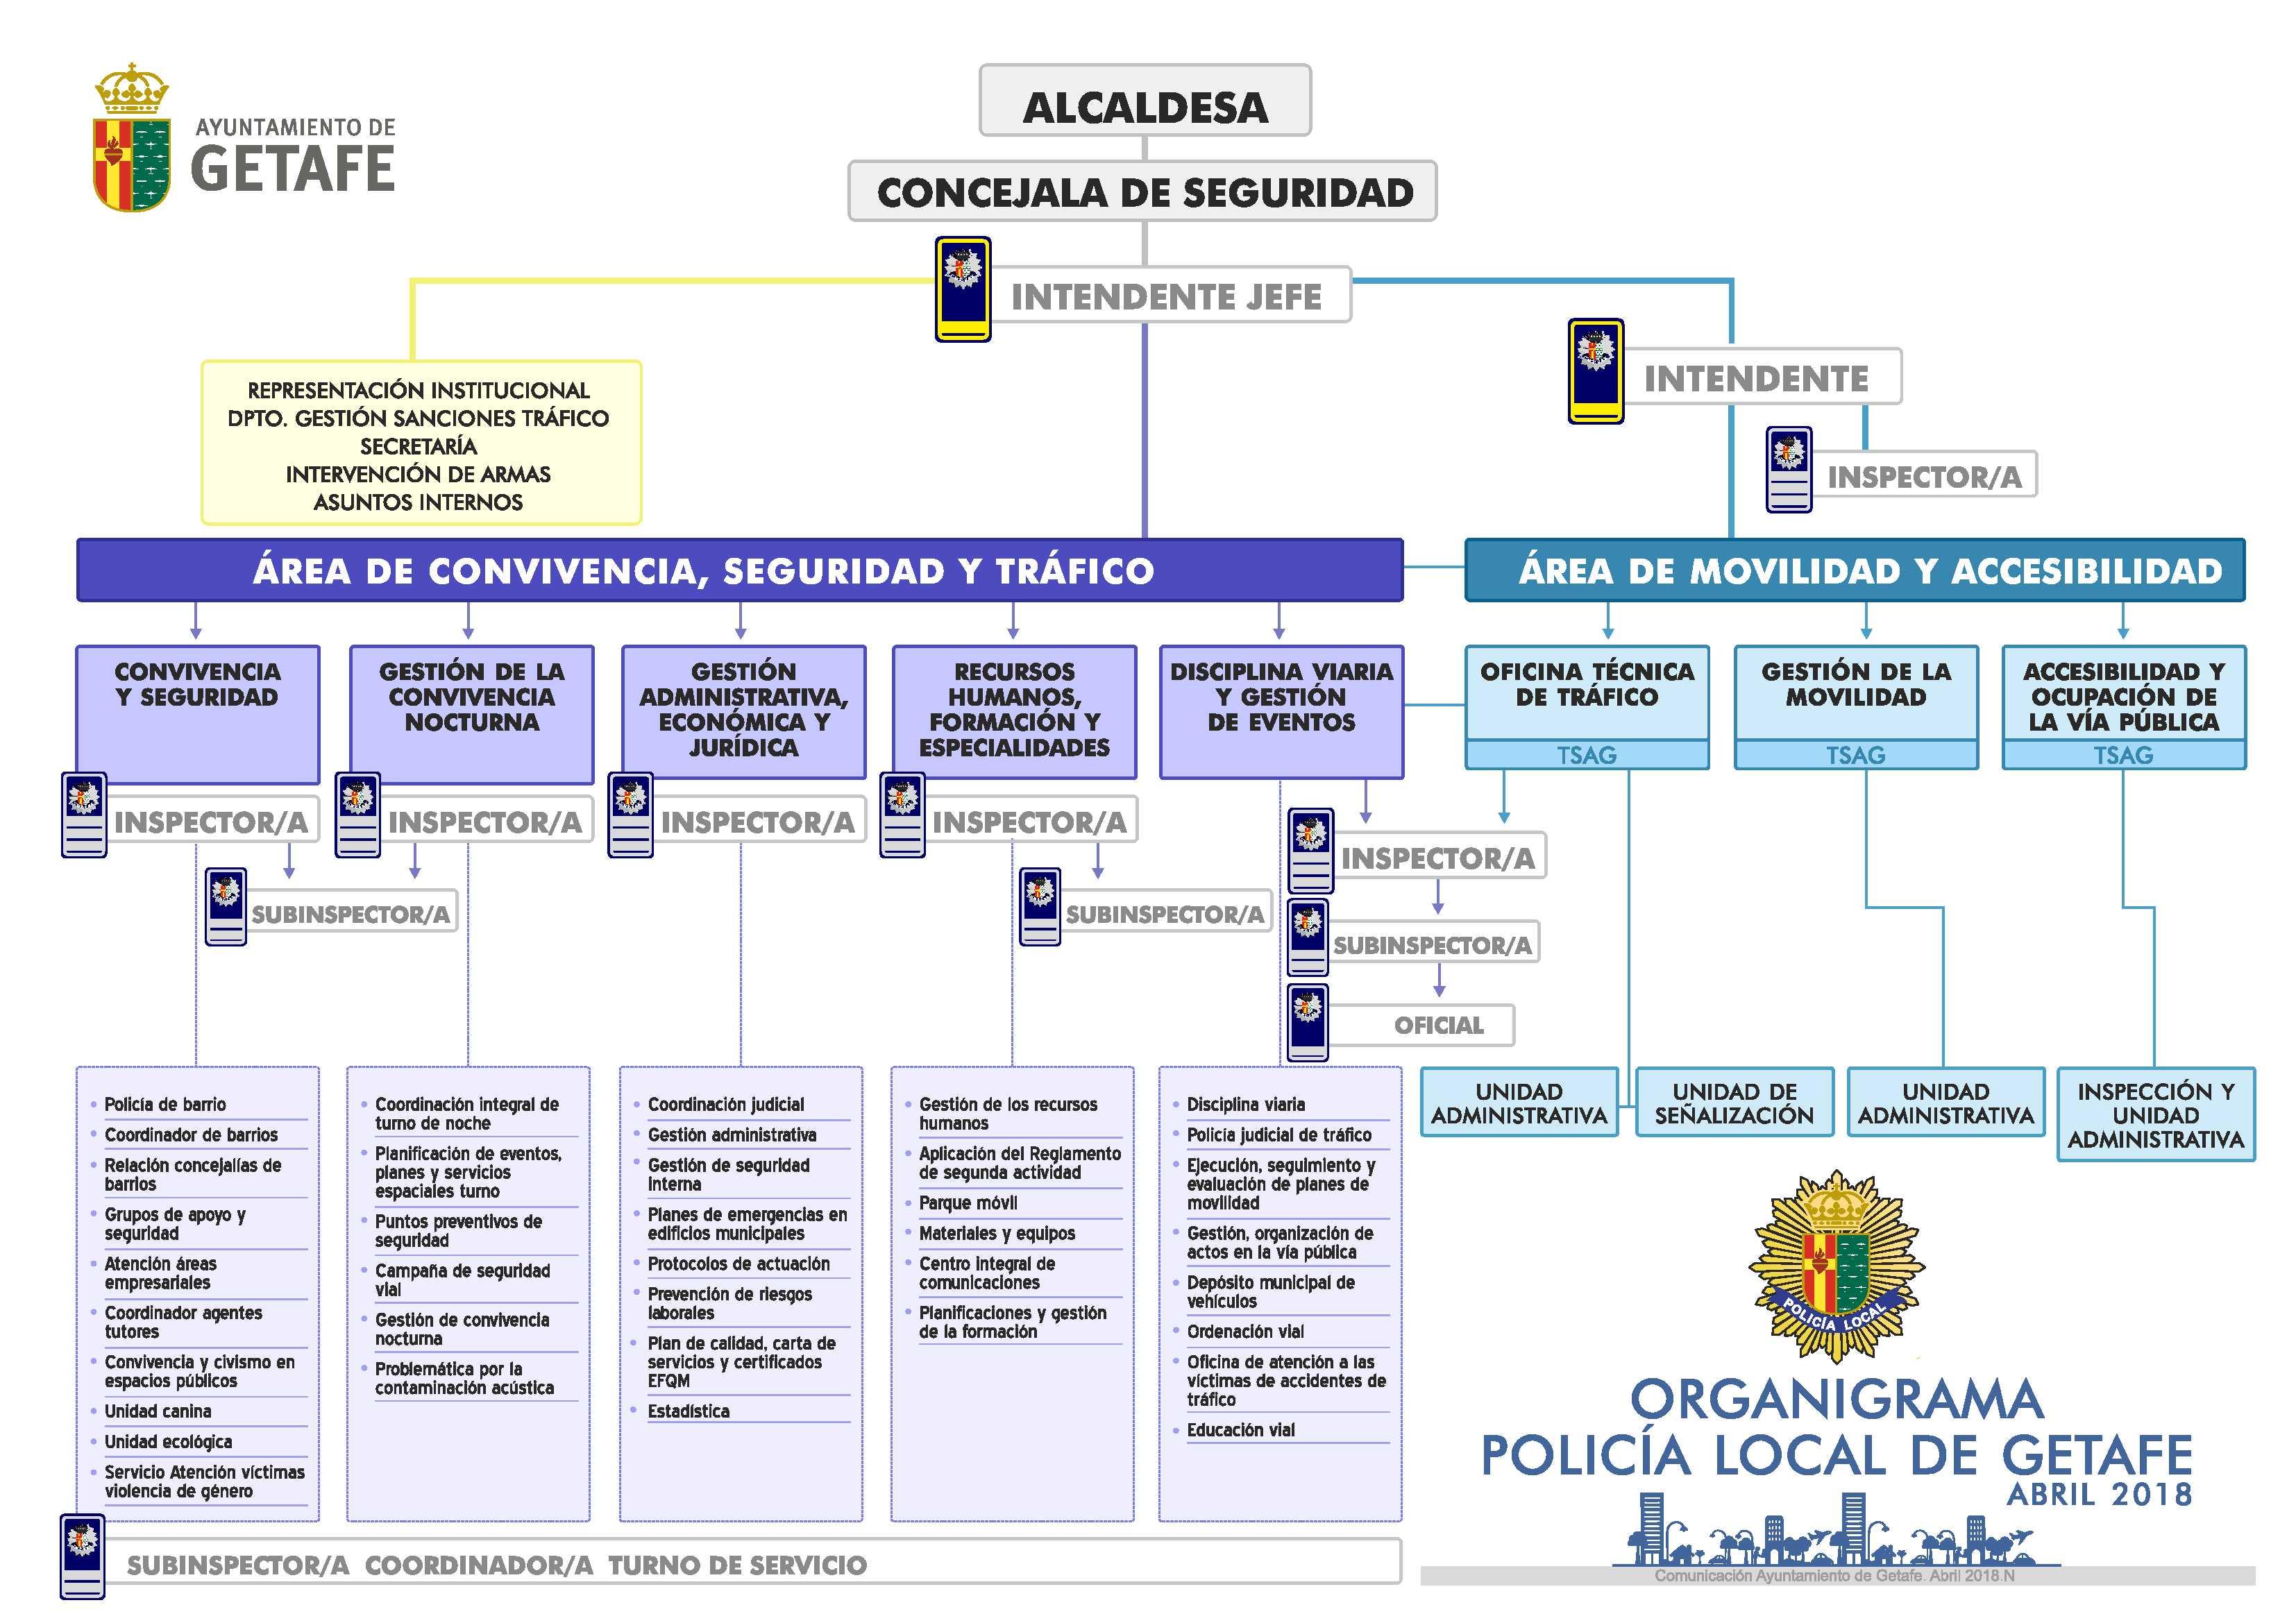 organigrama Policía Local